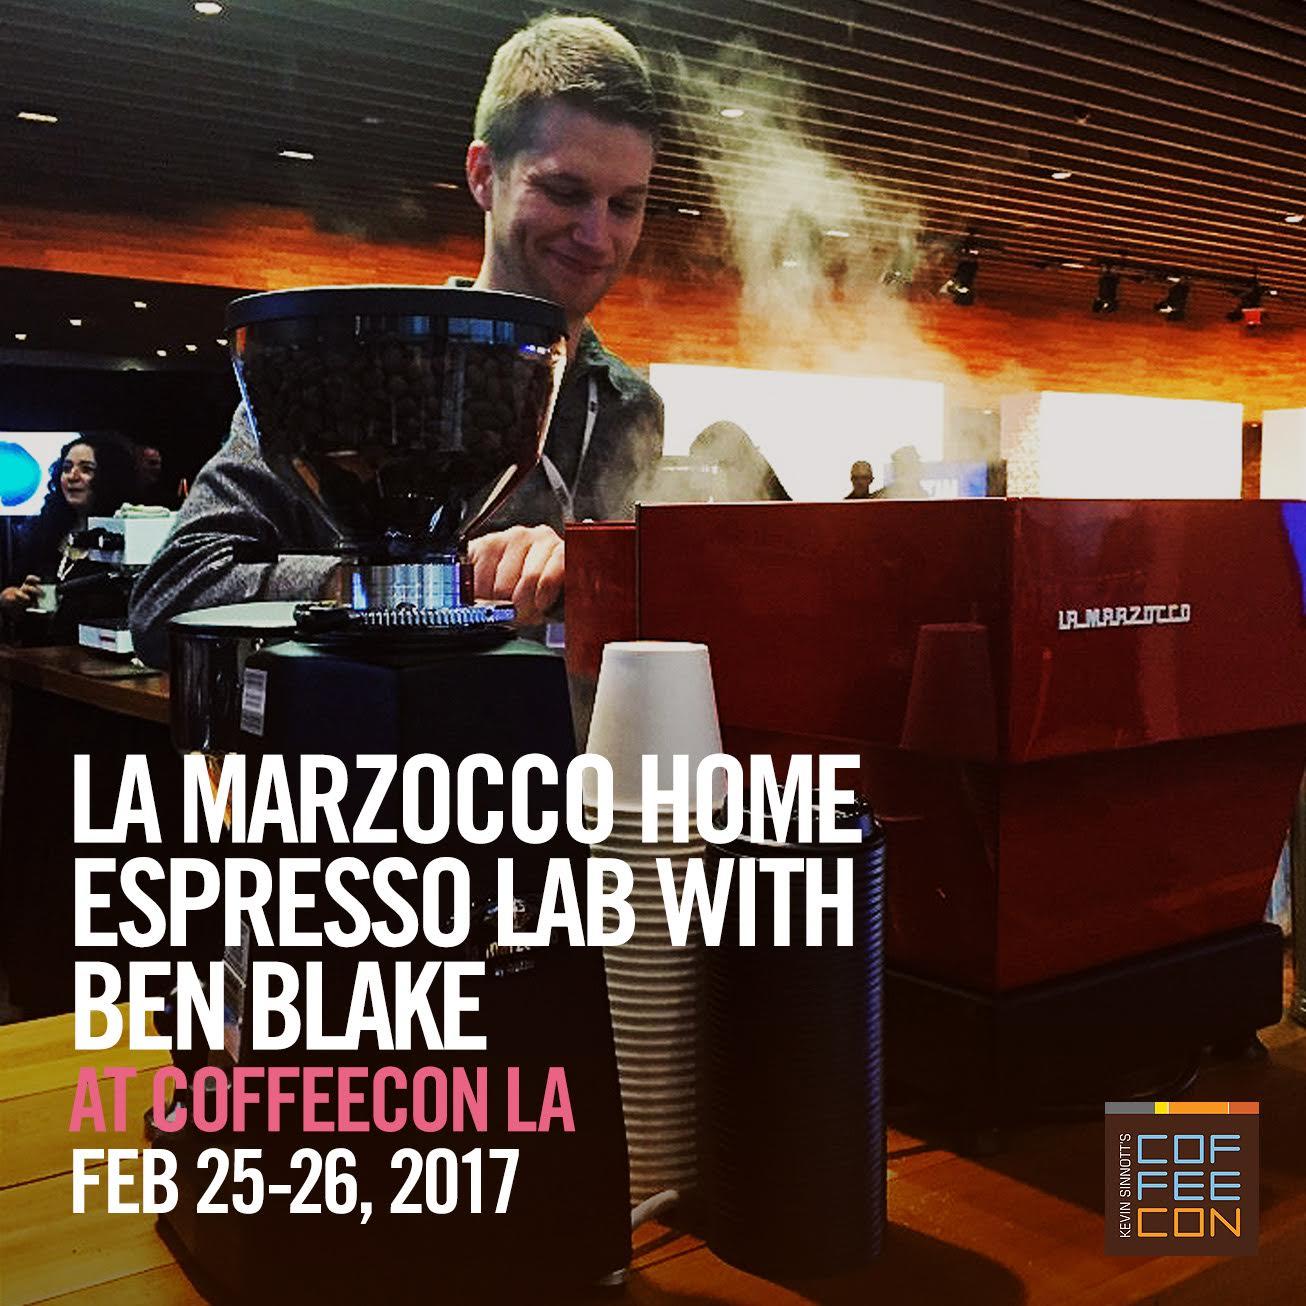 La Marzocco Home Espresso Lab with Ben Blake